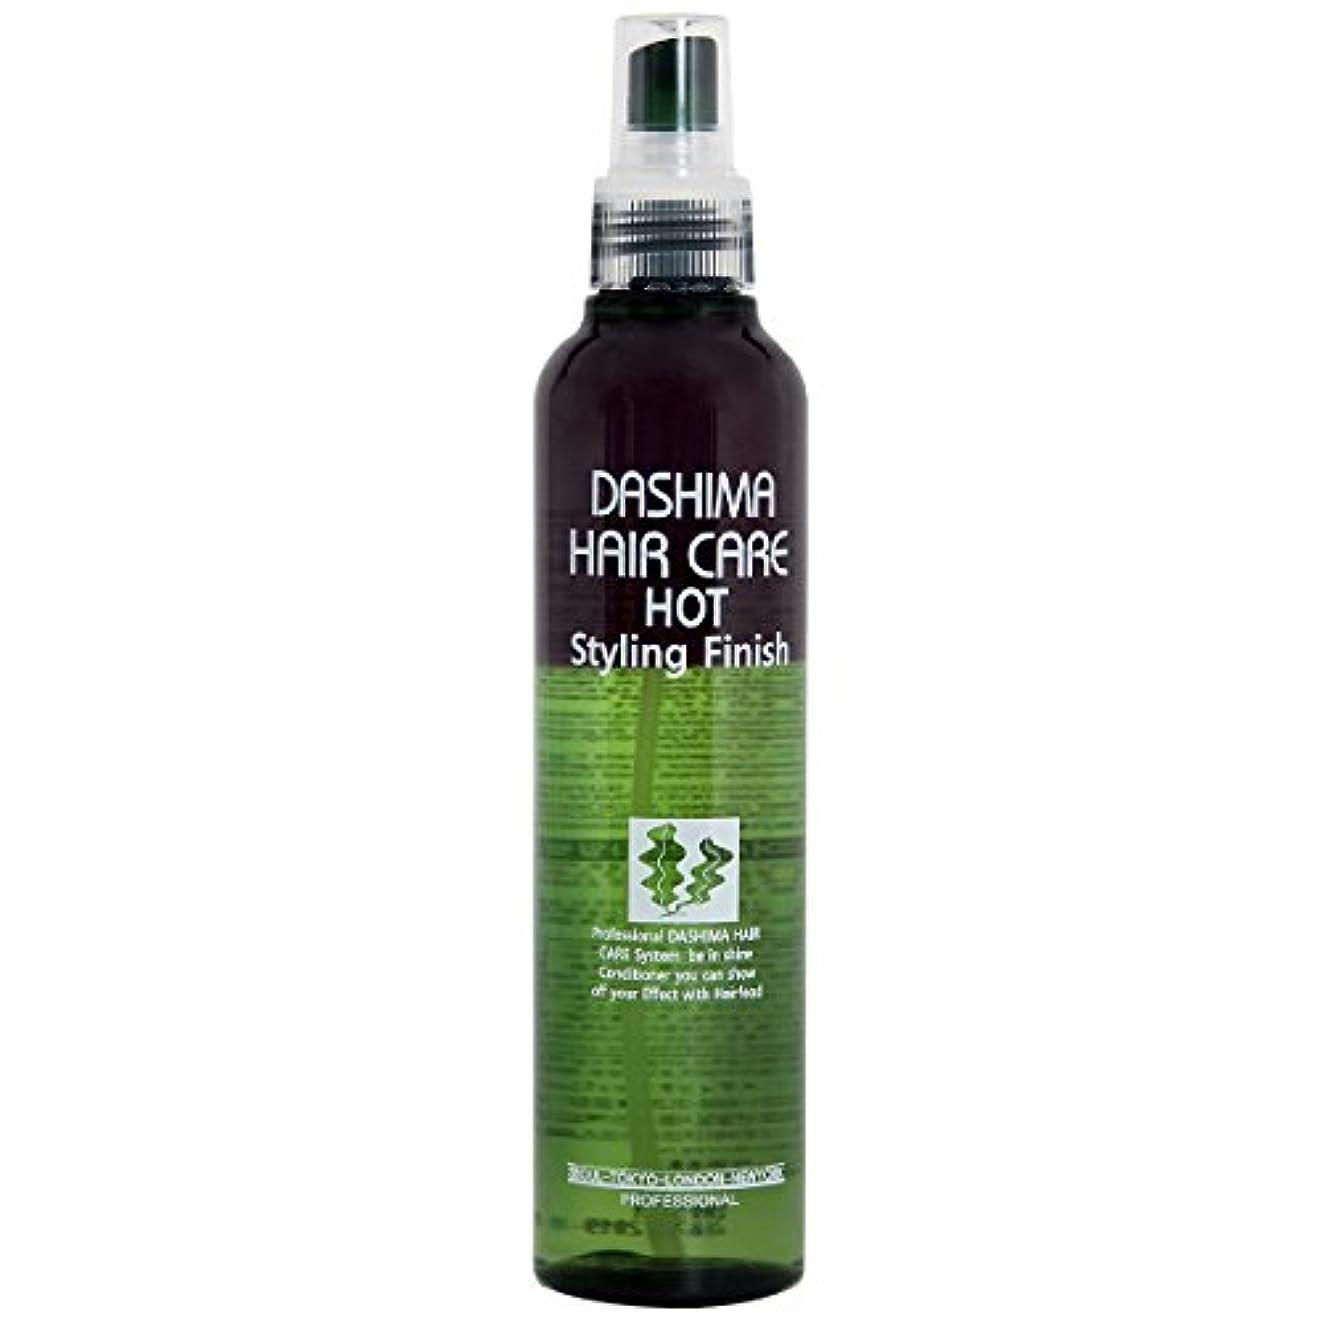 オーディション錫バックアップダシマヘアケアハッスタイルリングピニスィ250ml(DASHIMA HAIR CARE Hot Styling Finish 250ml)